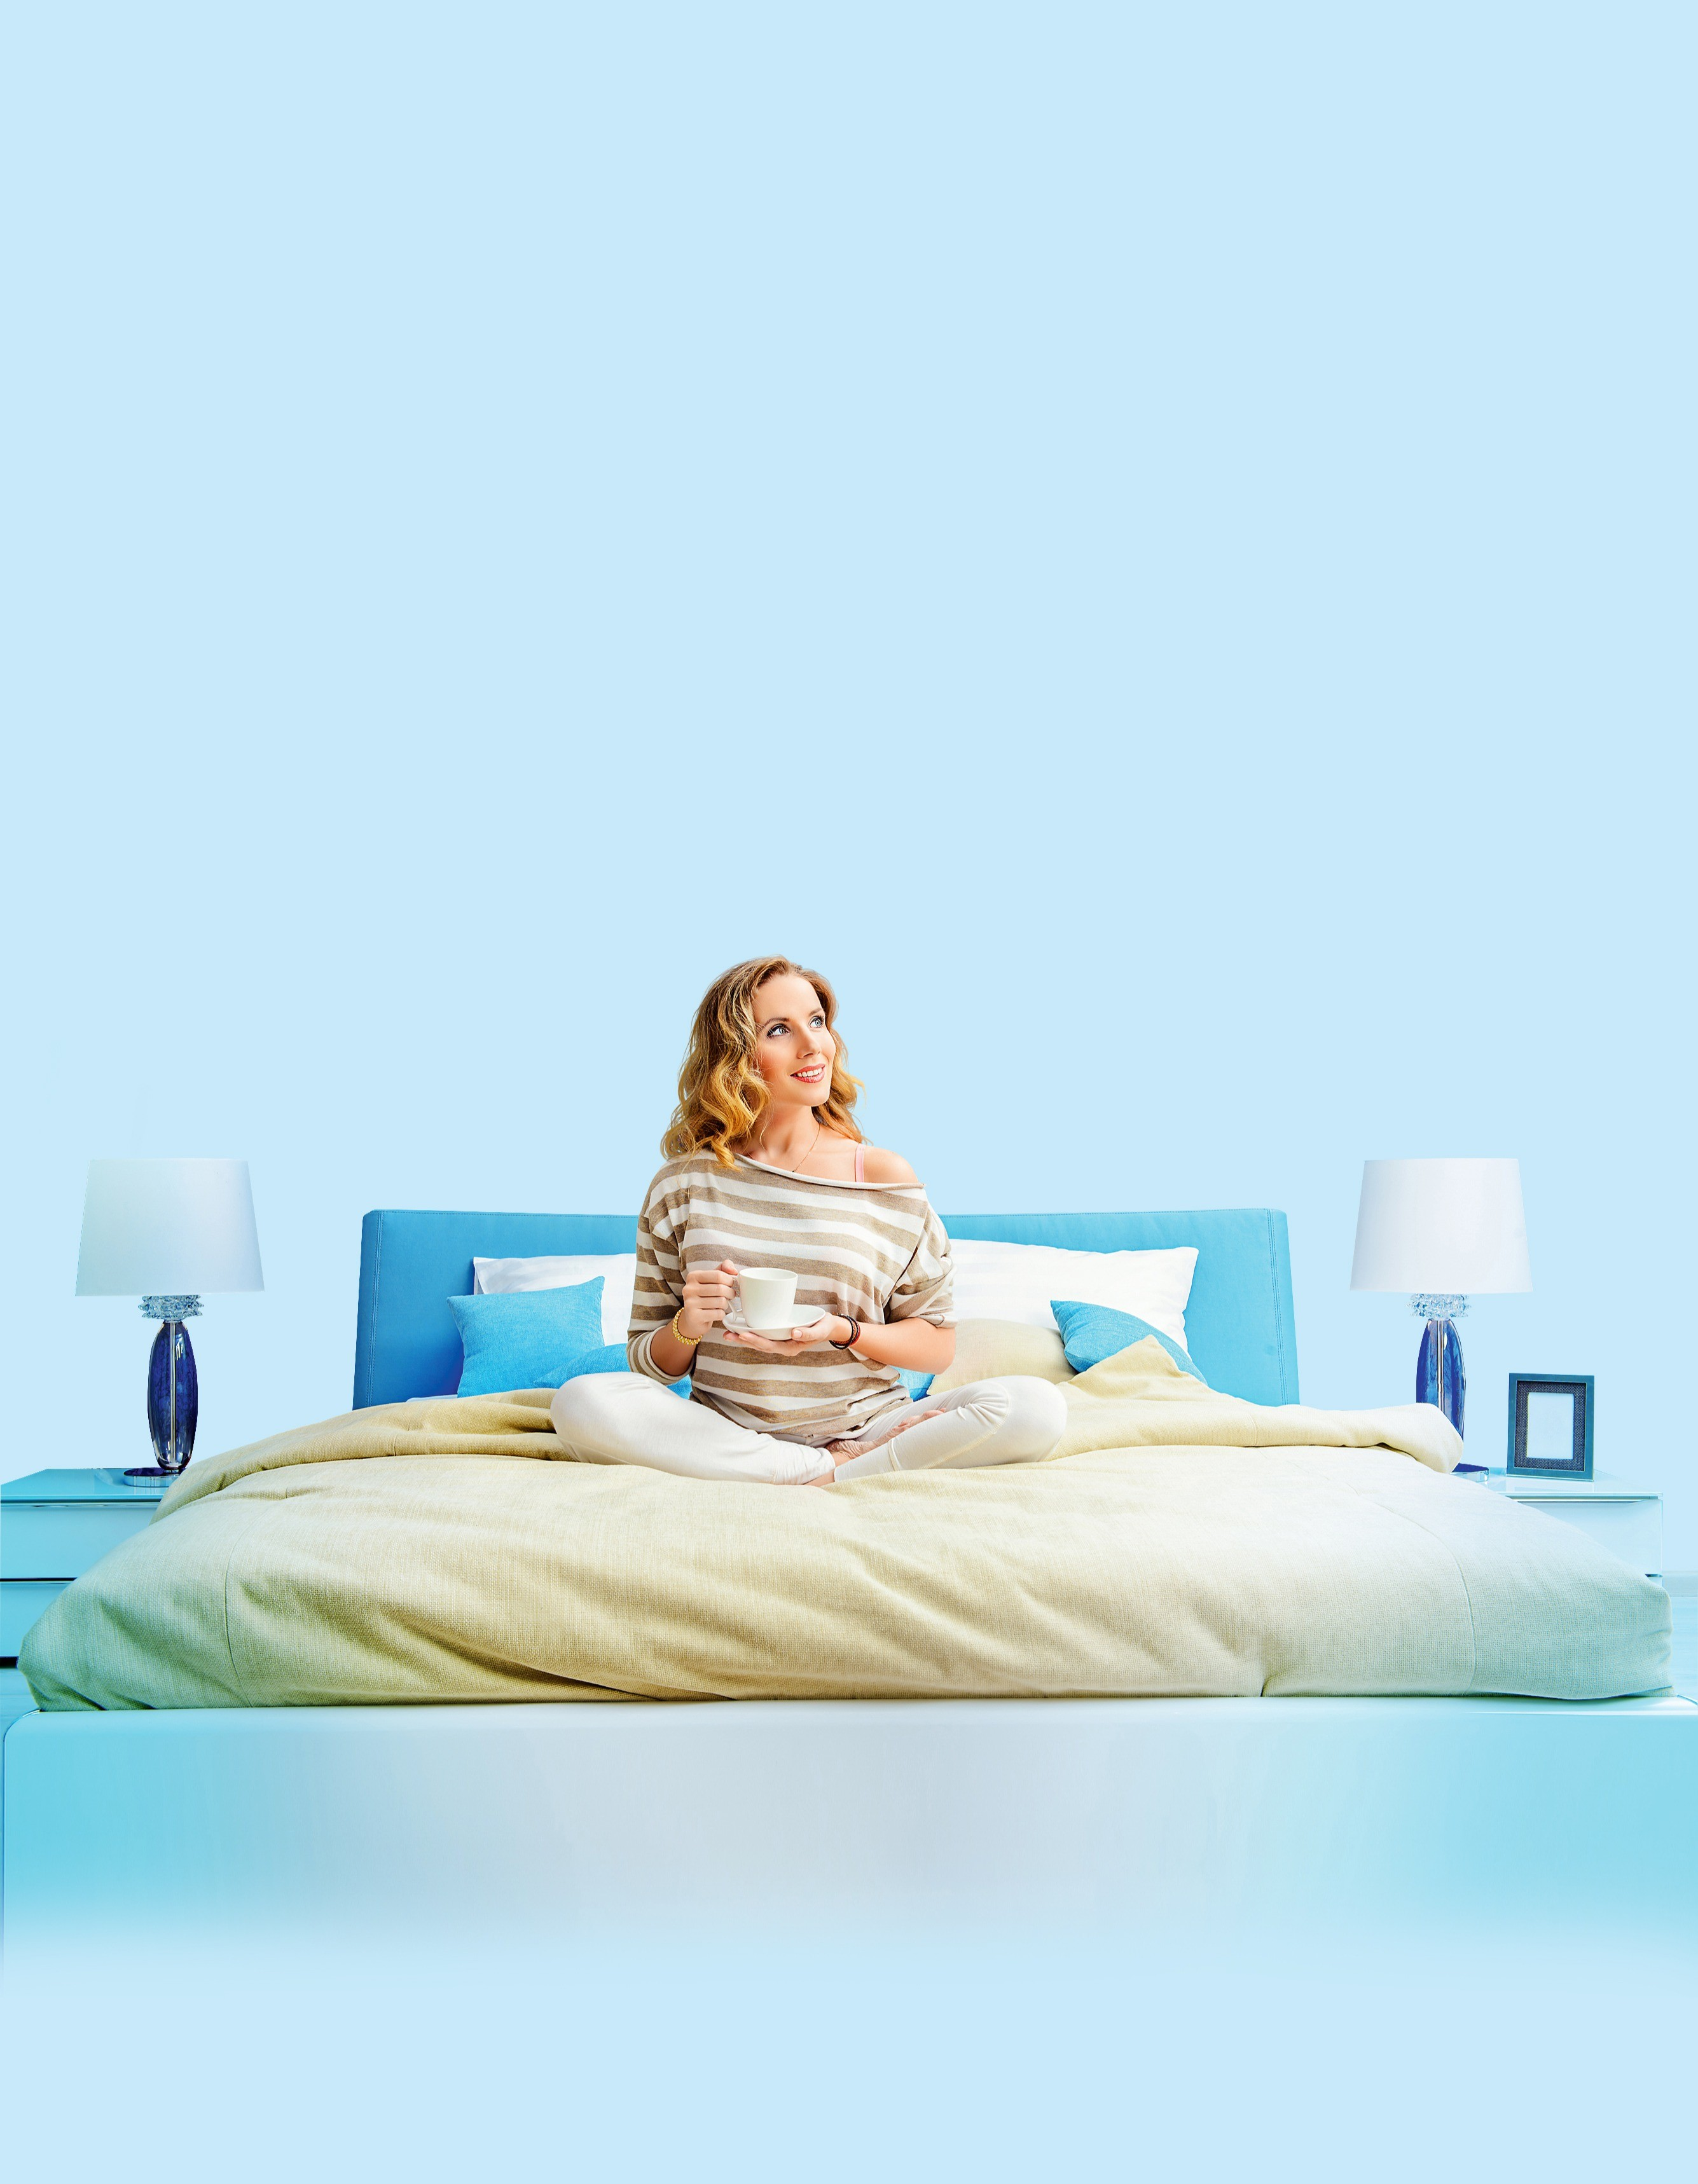 Тест: что интерьер твоей спальни скажет о тебе?